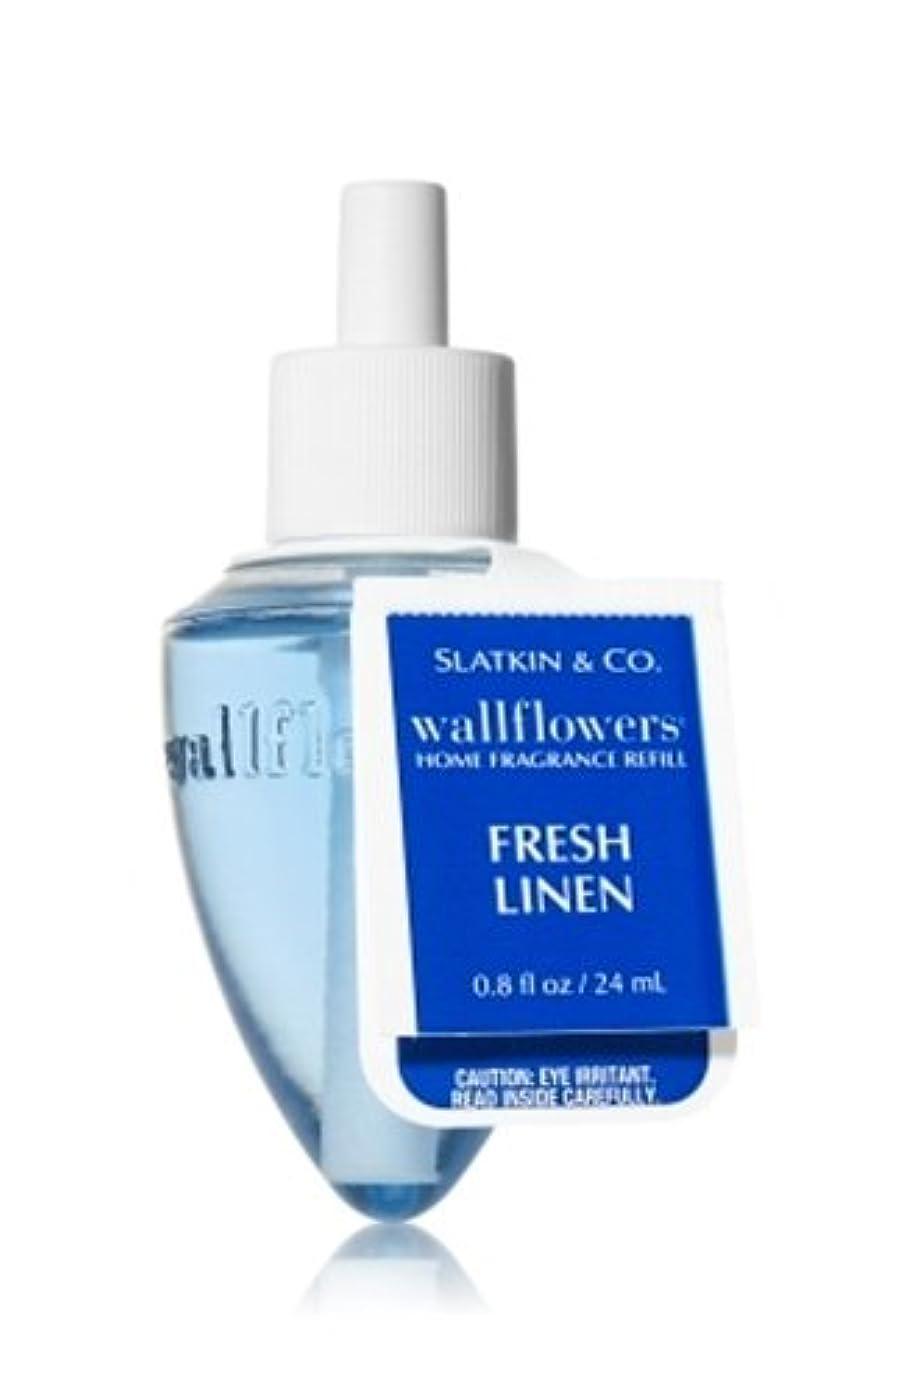 もう一度トランクライブラリ持参Bath & Body Works(バス&ボディワークス)フレッシュ?リネン ホームフレグランス レフィル(本体は別売りです)Fresh Linen Wallflowers Refill Single Bottles